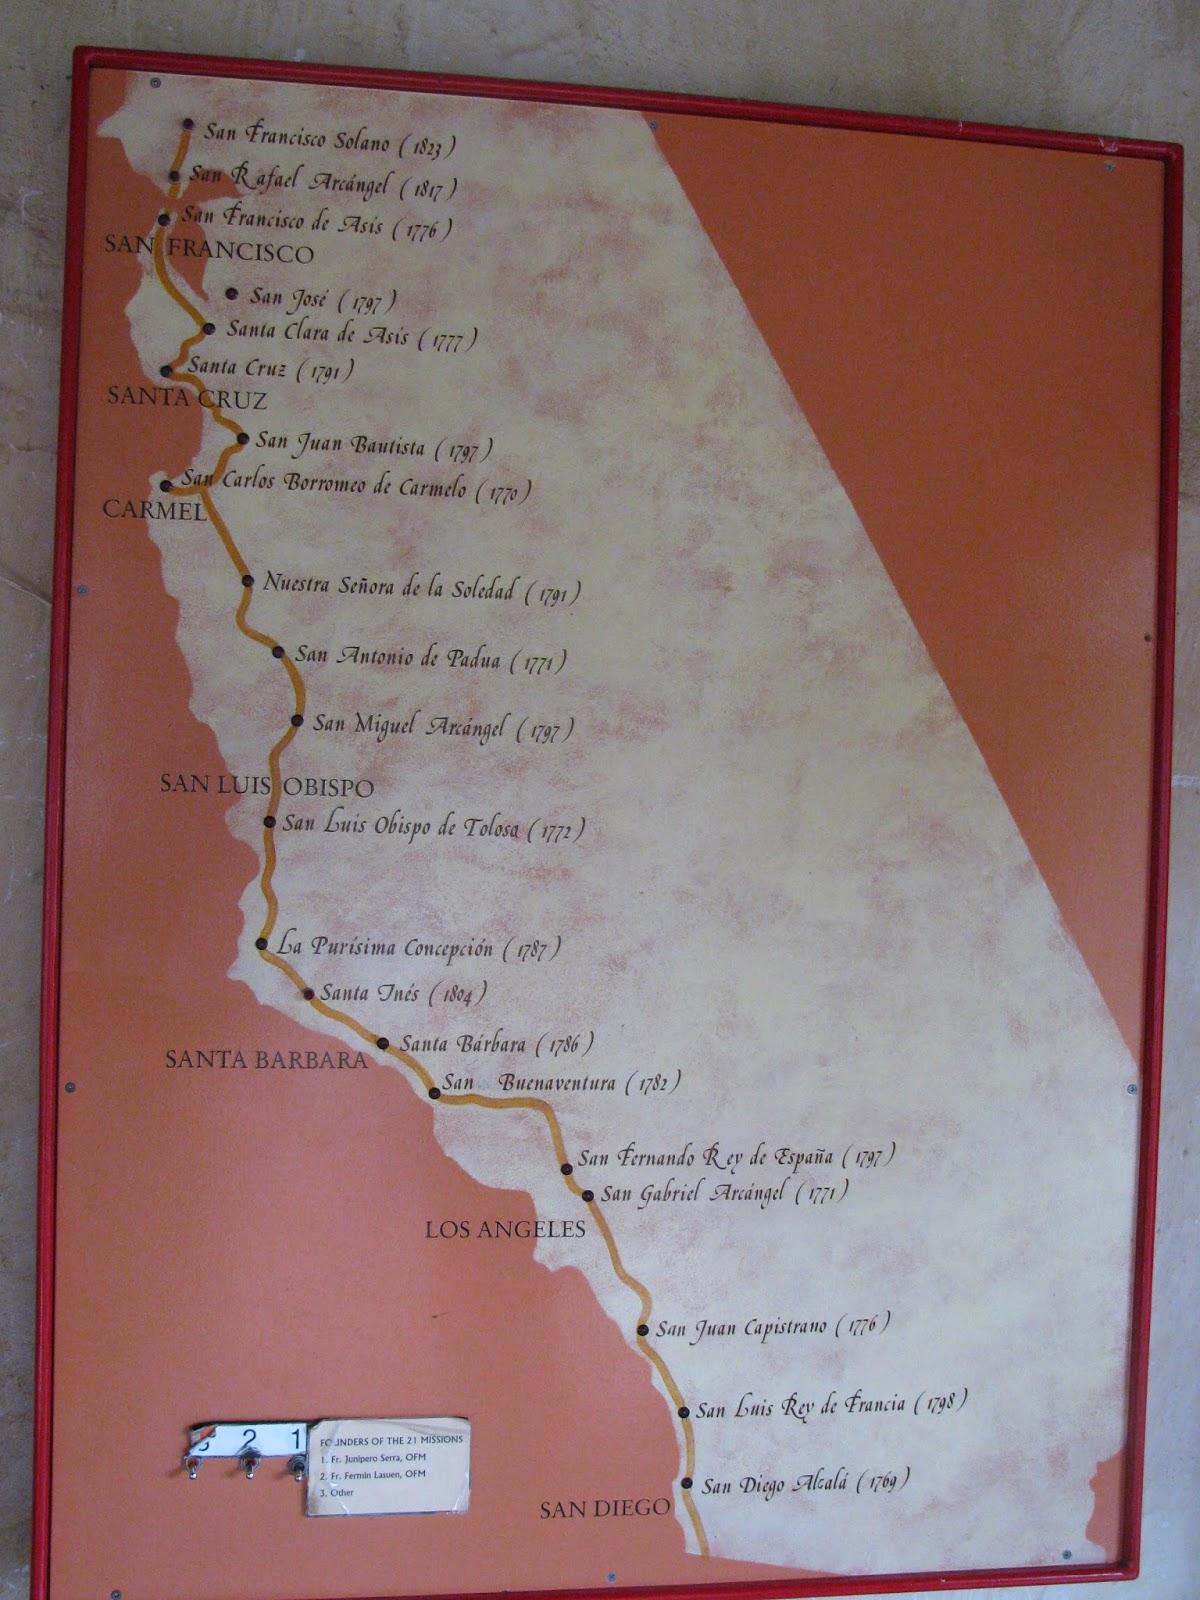 untrodden paths mission santa barbara